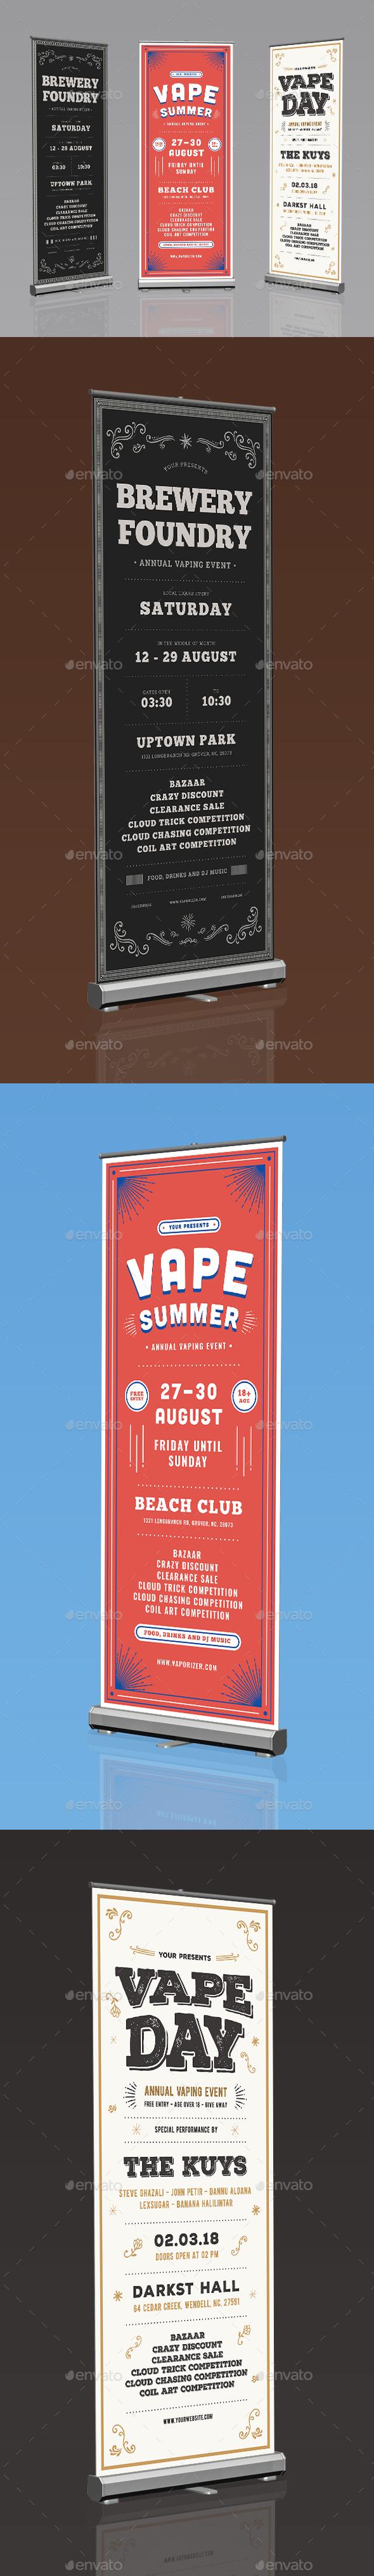 GraphicRiver Vape Event Bundle Roll Up Banner 20558239